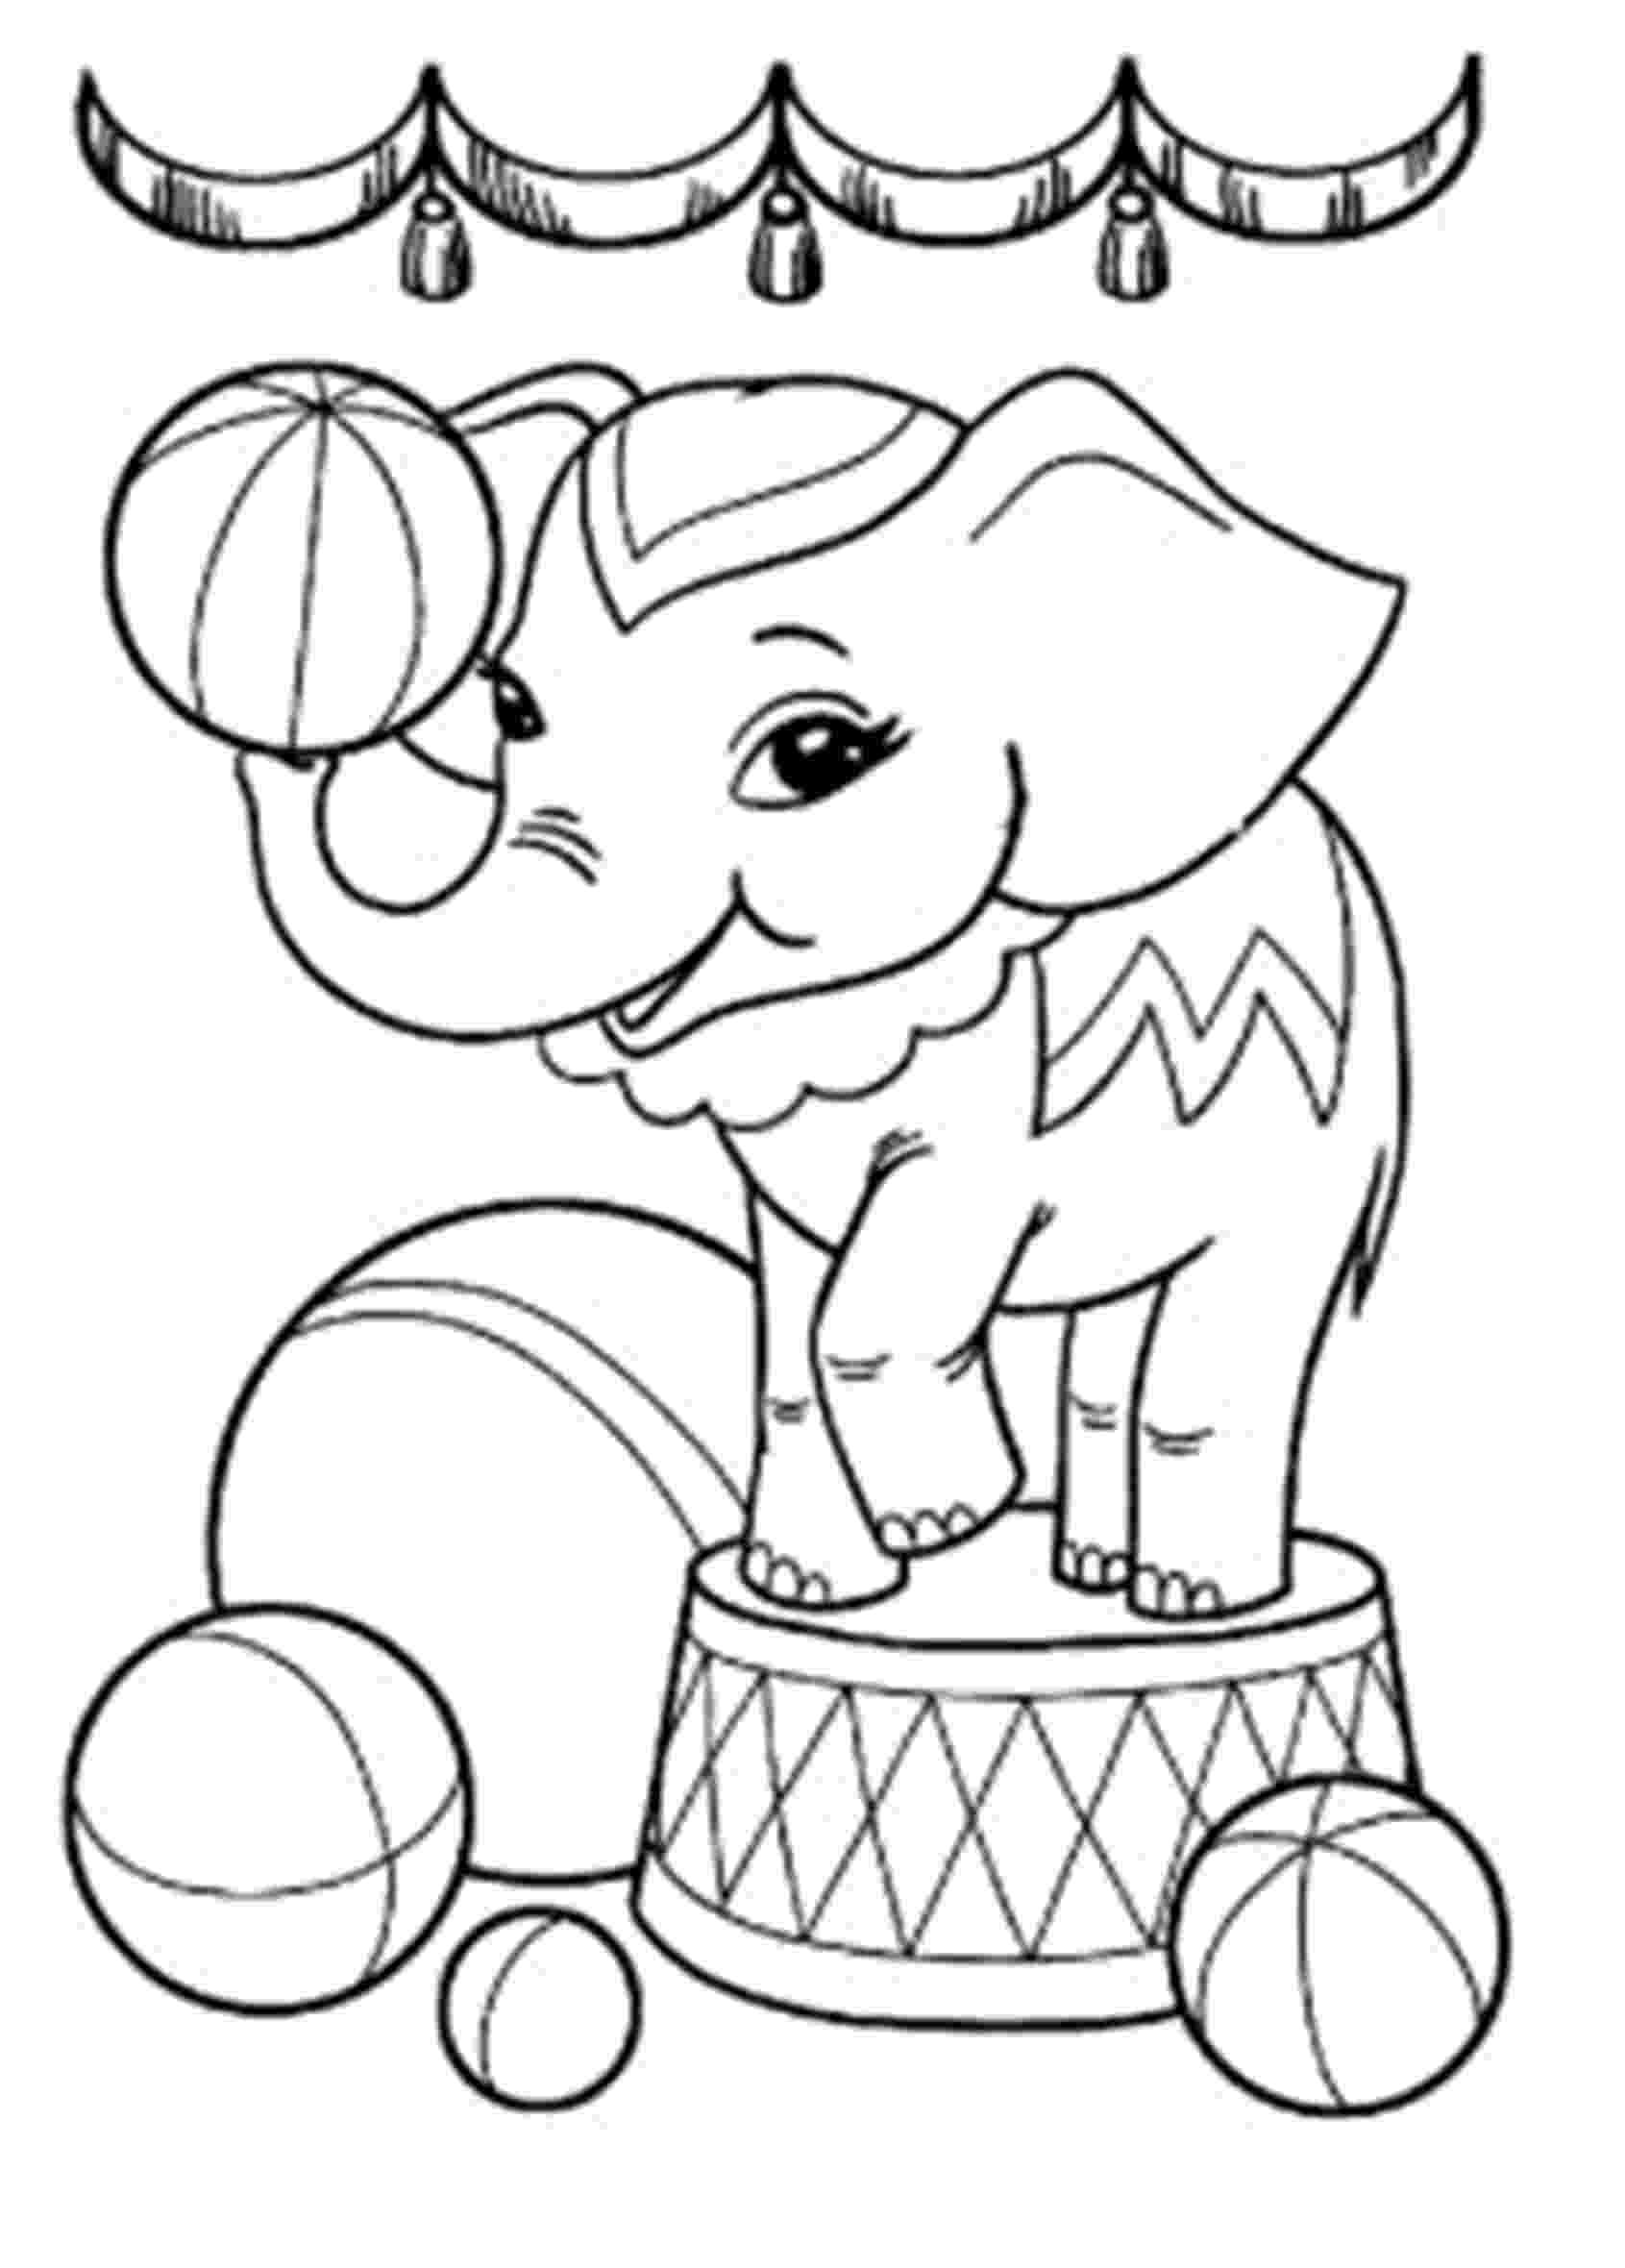 elephant coloring sheet black beauty 18 elephant coloring pages free printables sheet elephant coloring